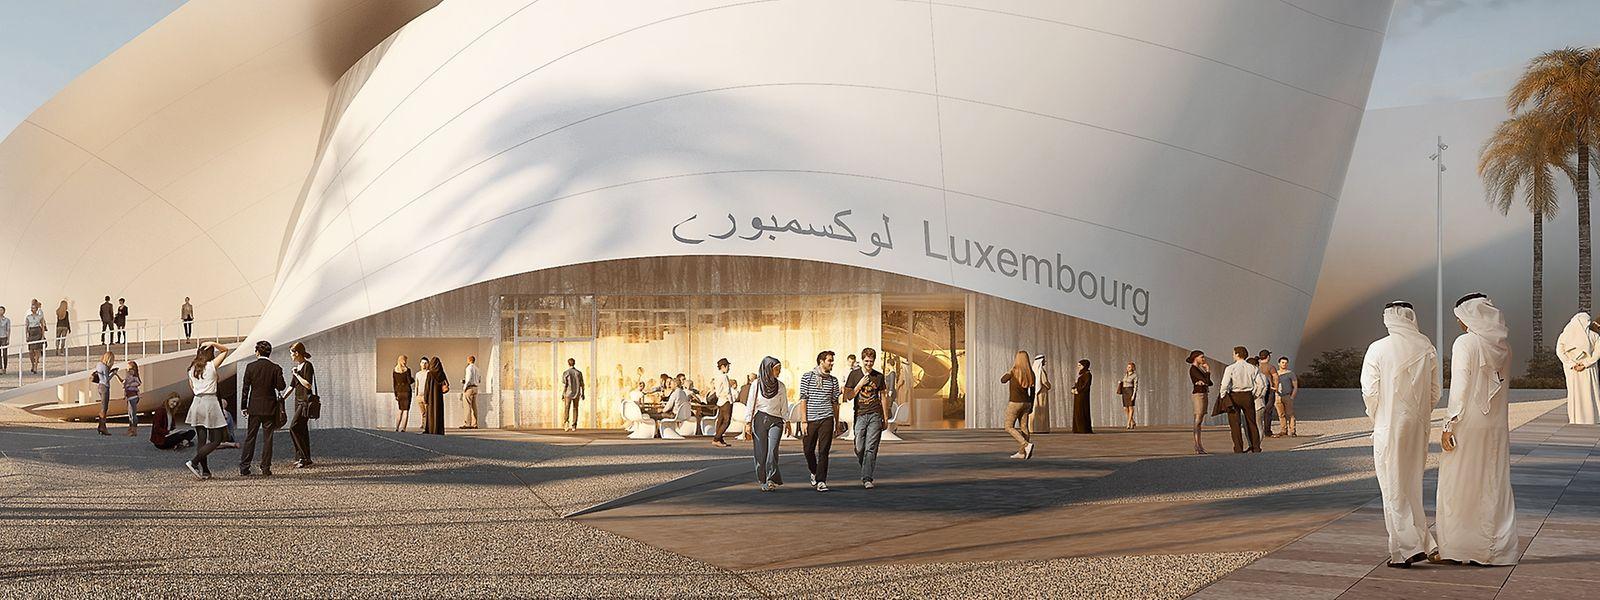 Der Luxemburger Pavillon für die Expo 2020 in Dubai wird gerade fertiggestellt.